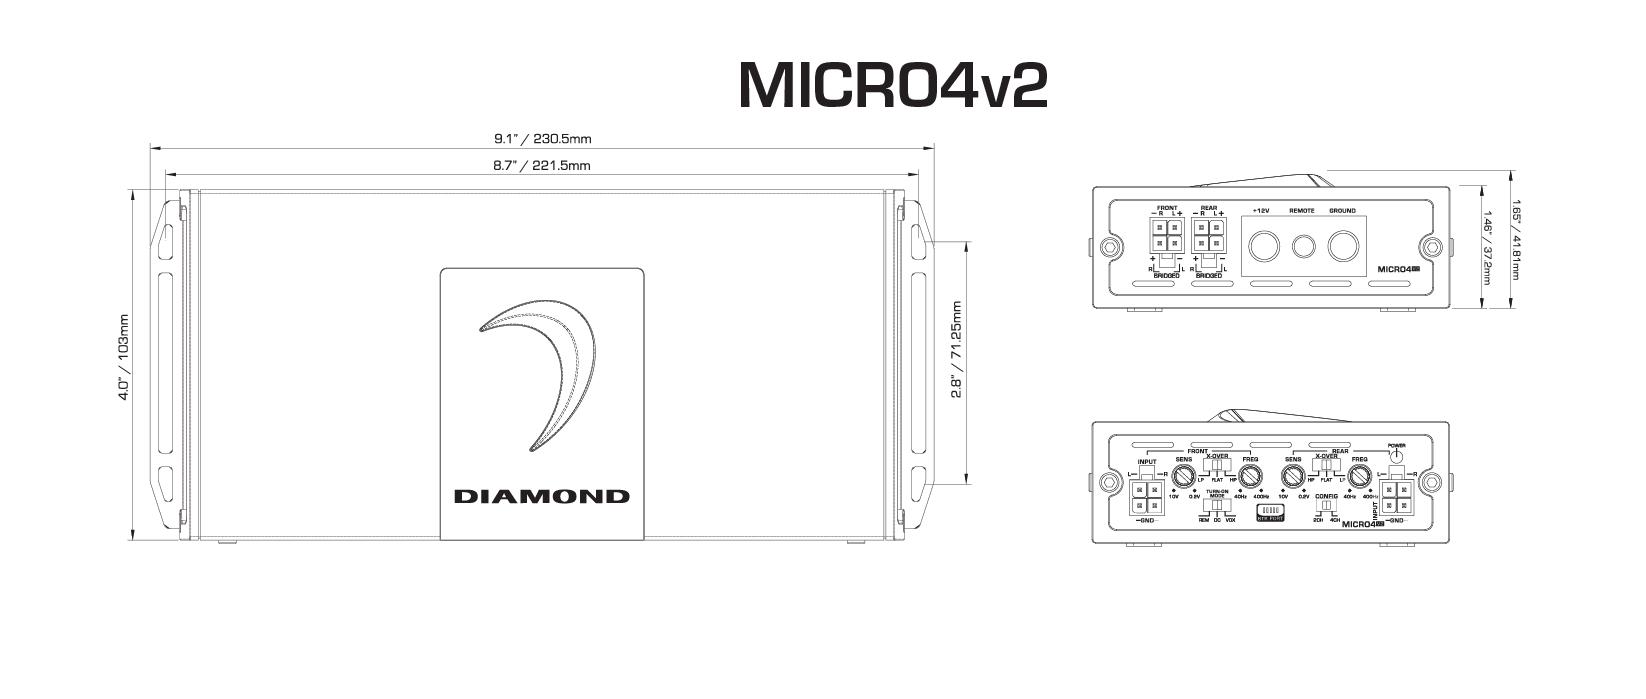 MICRO4v2_dimensions